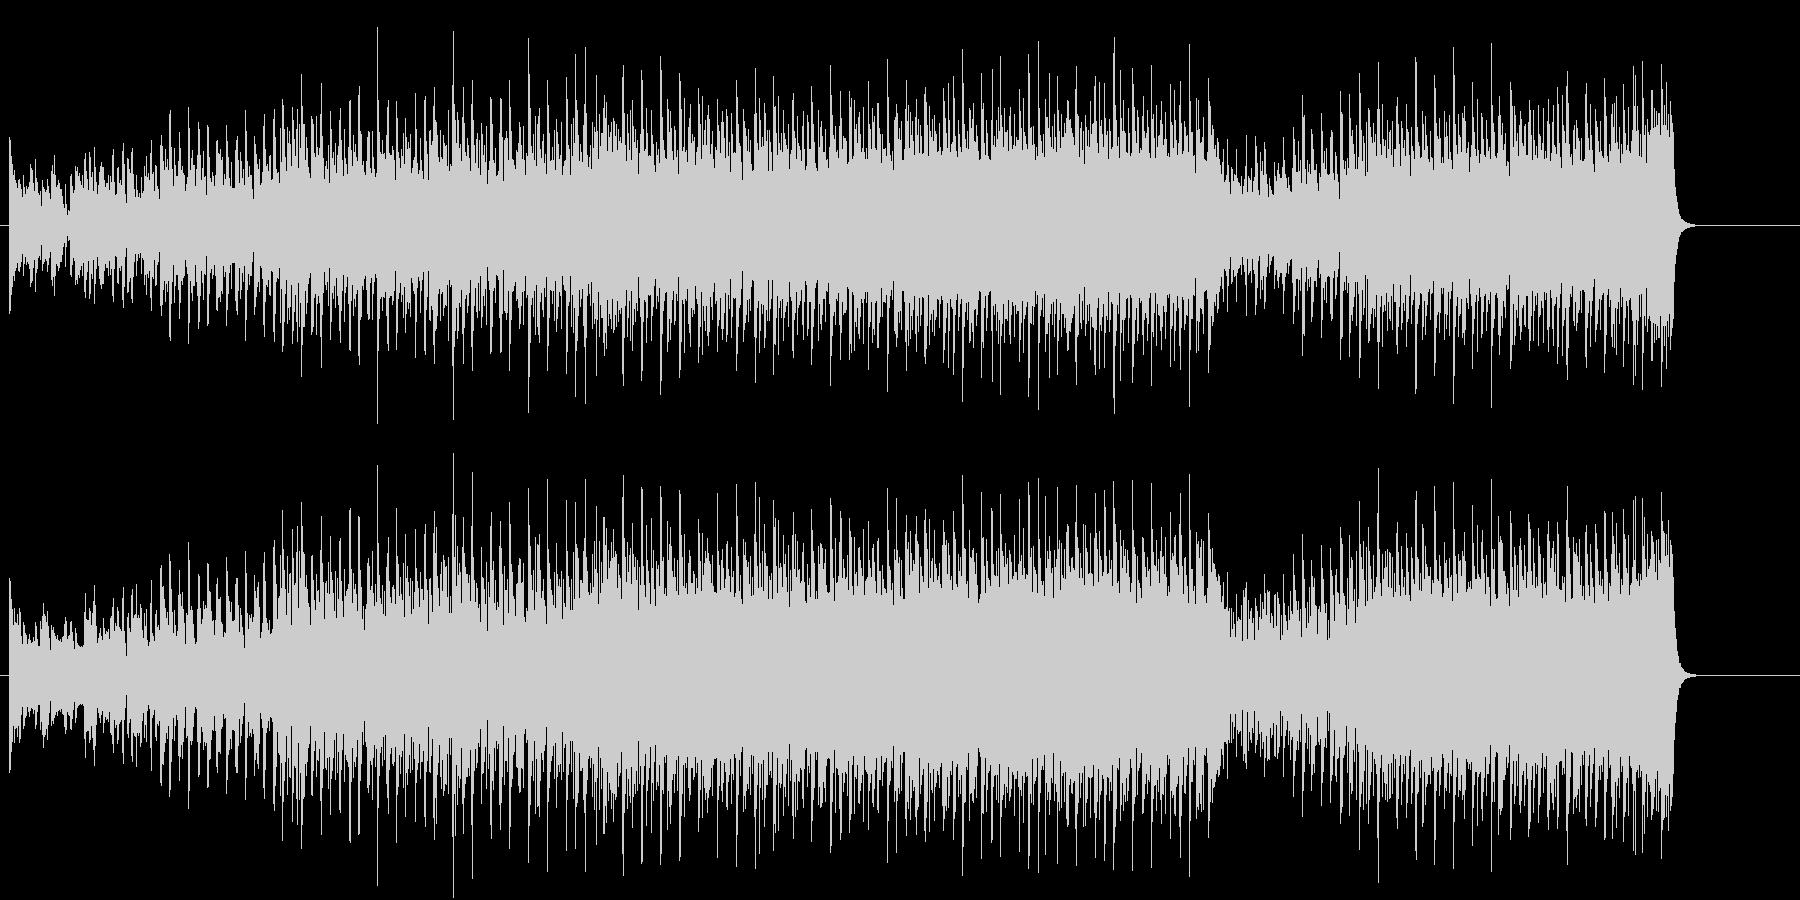 ダンサブルビートが効いたハイパーポップの未再生の波形